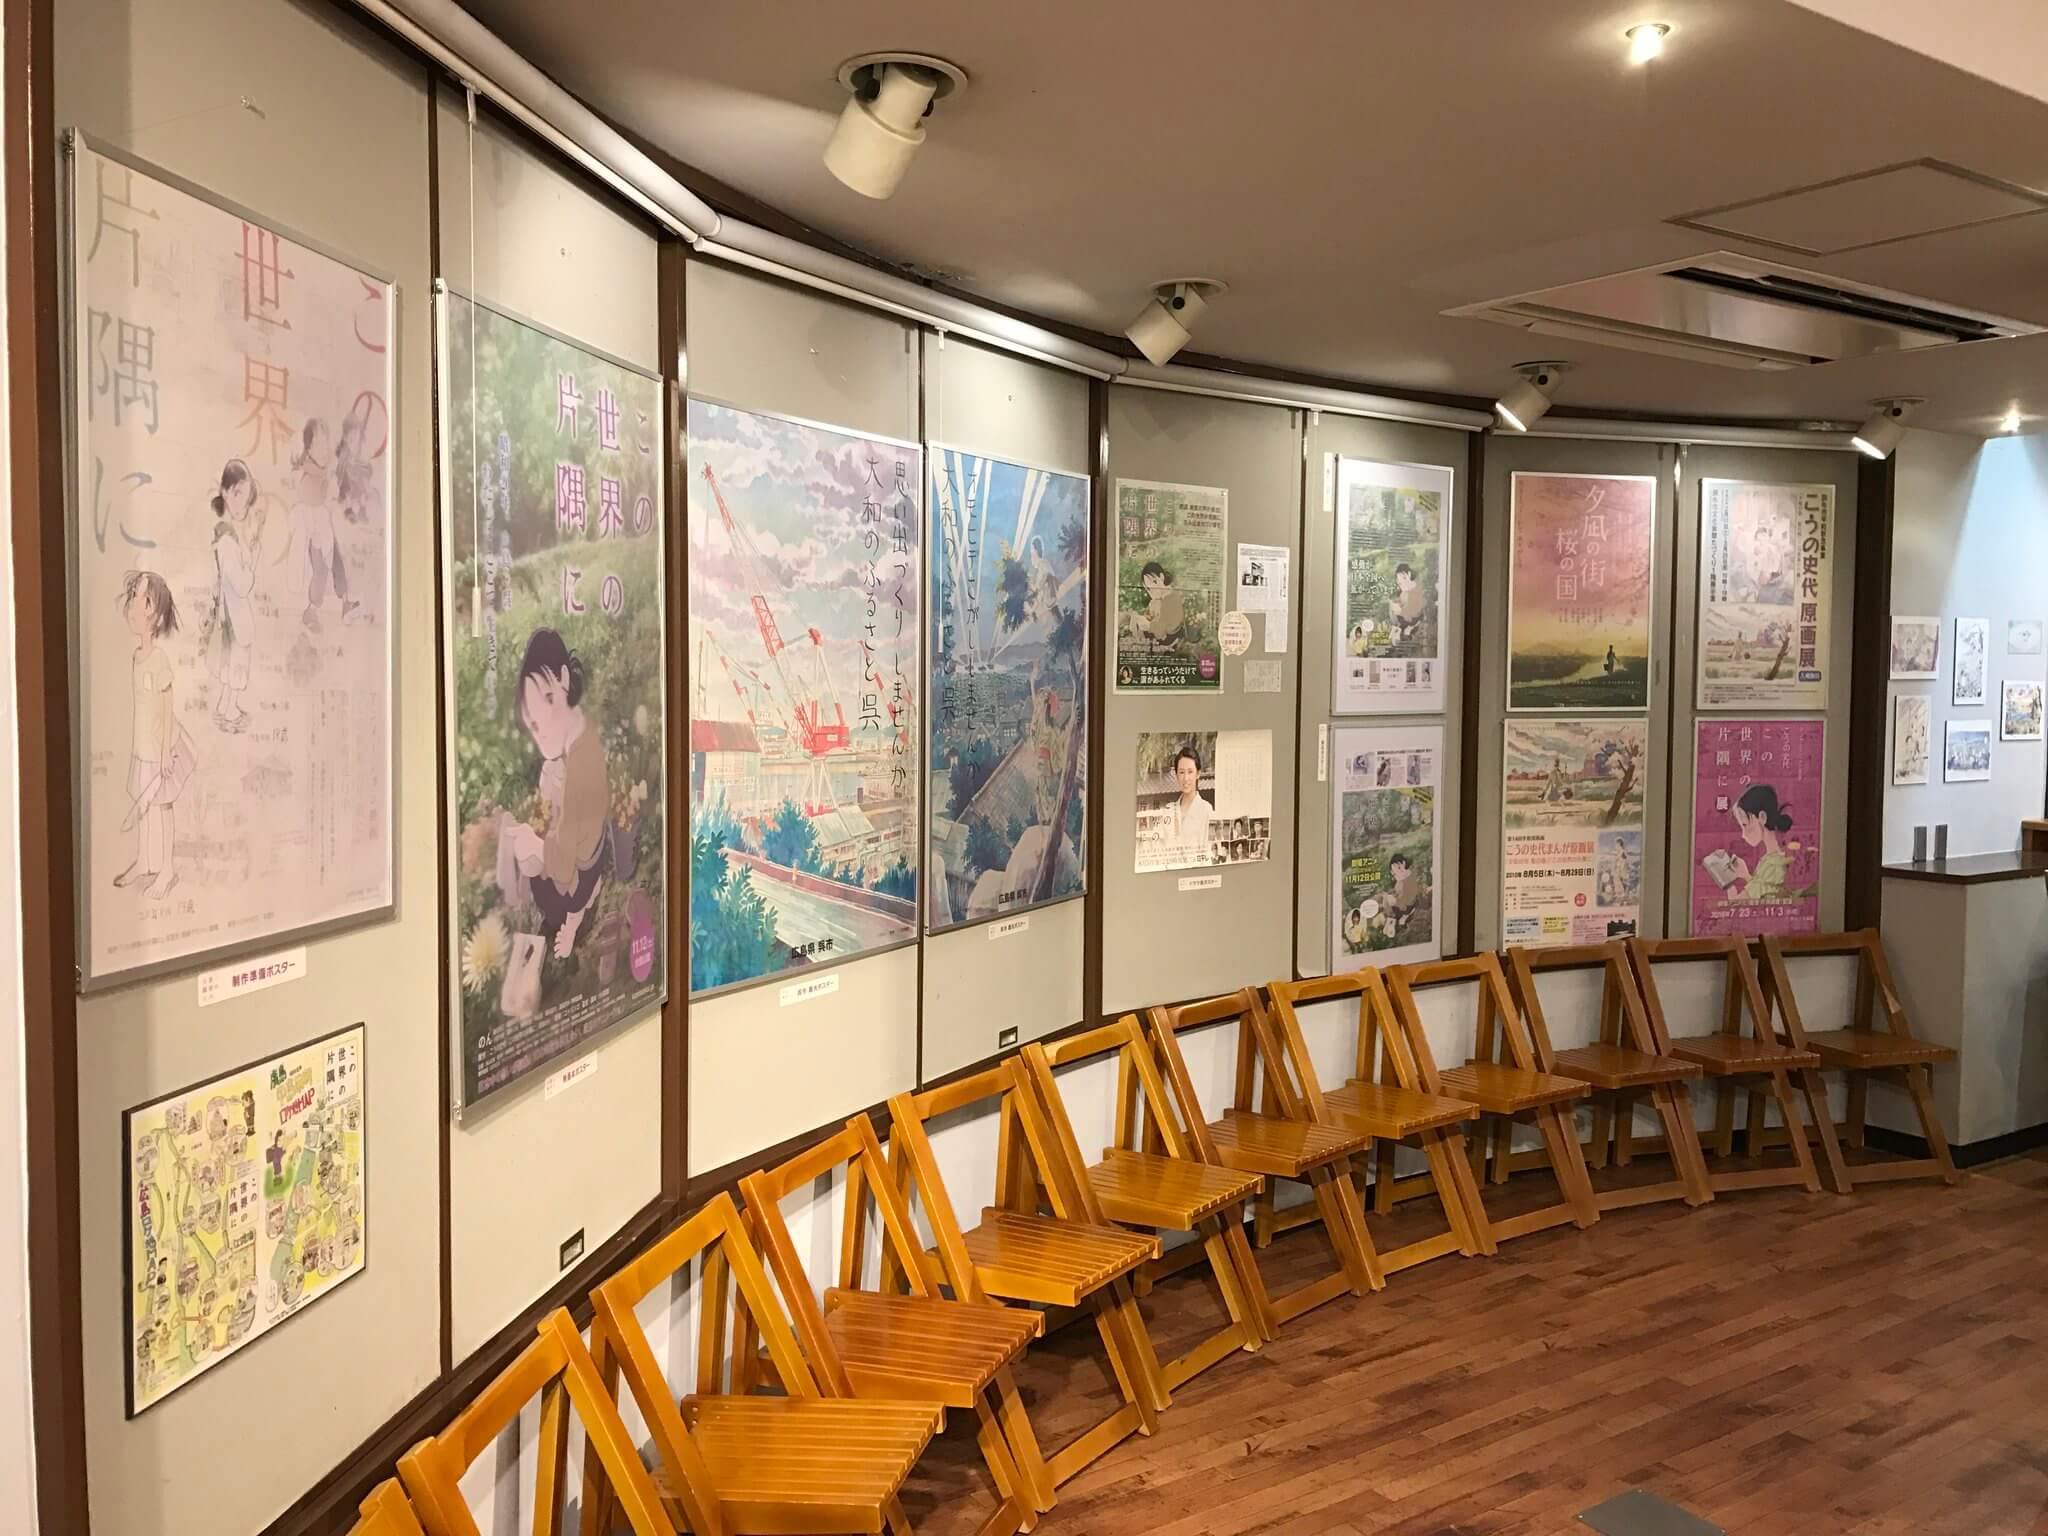 映画 この世界の片隅に は福知山とも縁があった 原作者と監督を招いたトークイベントに潜入 Fukutyama 京都府福知山市のウェブマガジン